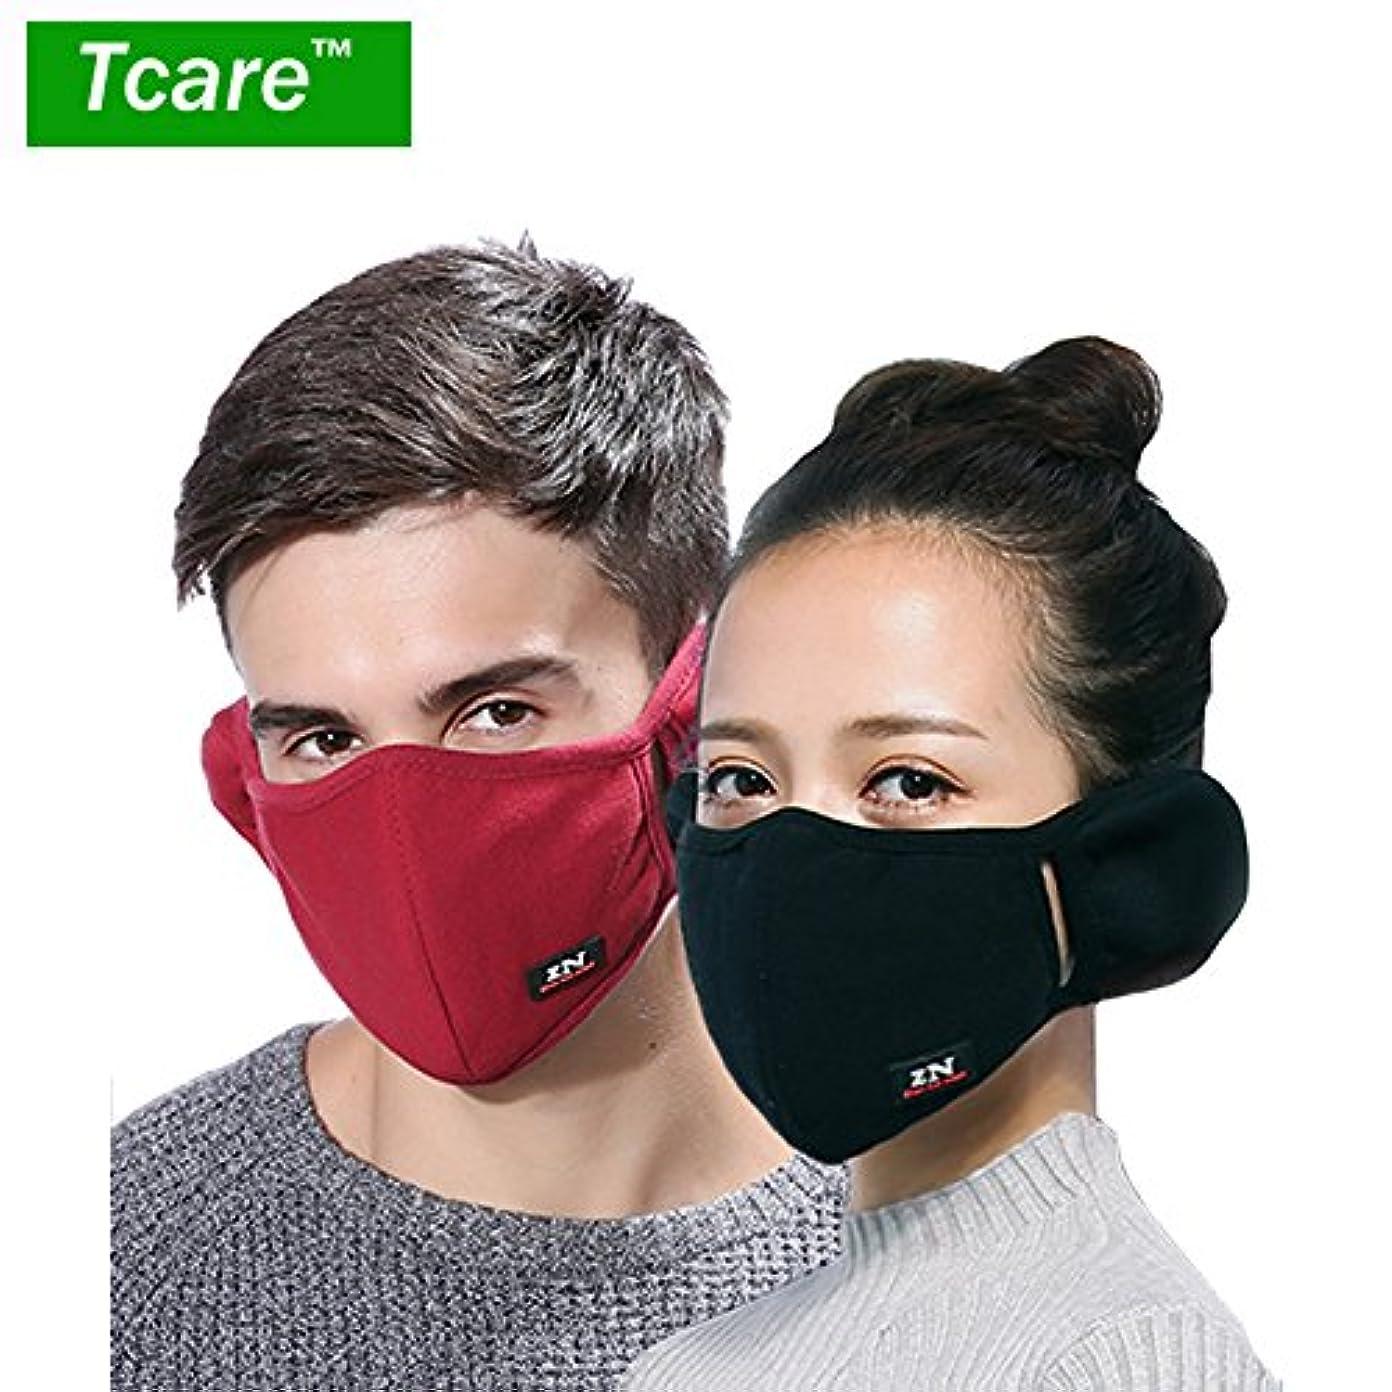 反対に第削減男性女性の少年少女のためのTcare呼吸器2レイヤピュアコットン保護フィルター挿入口:9グレー